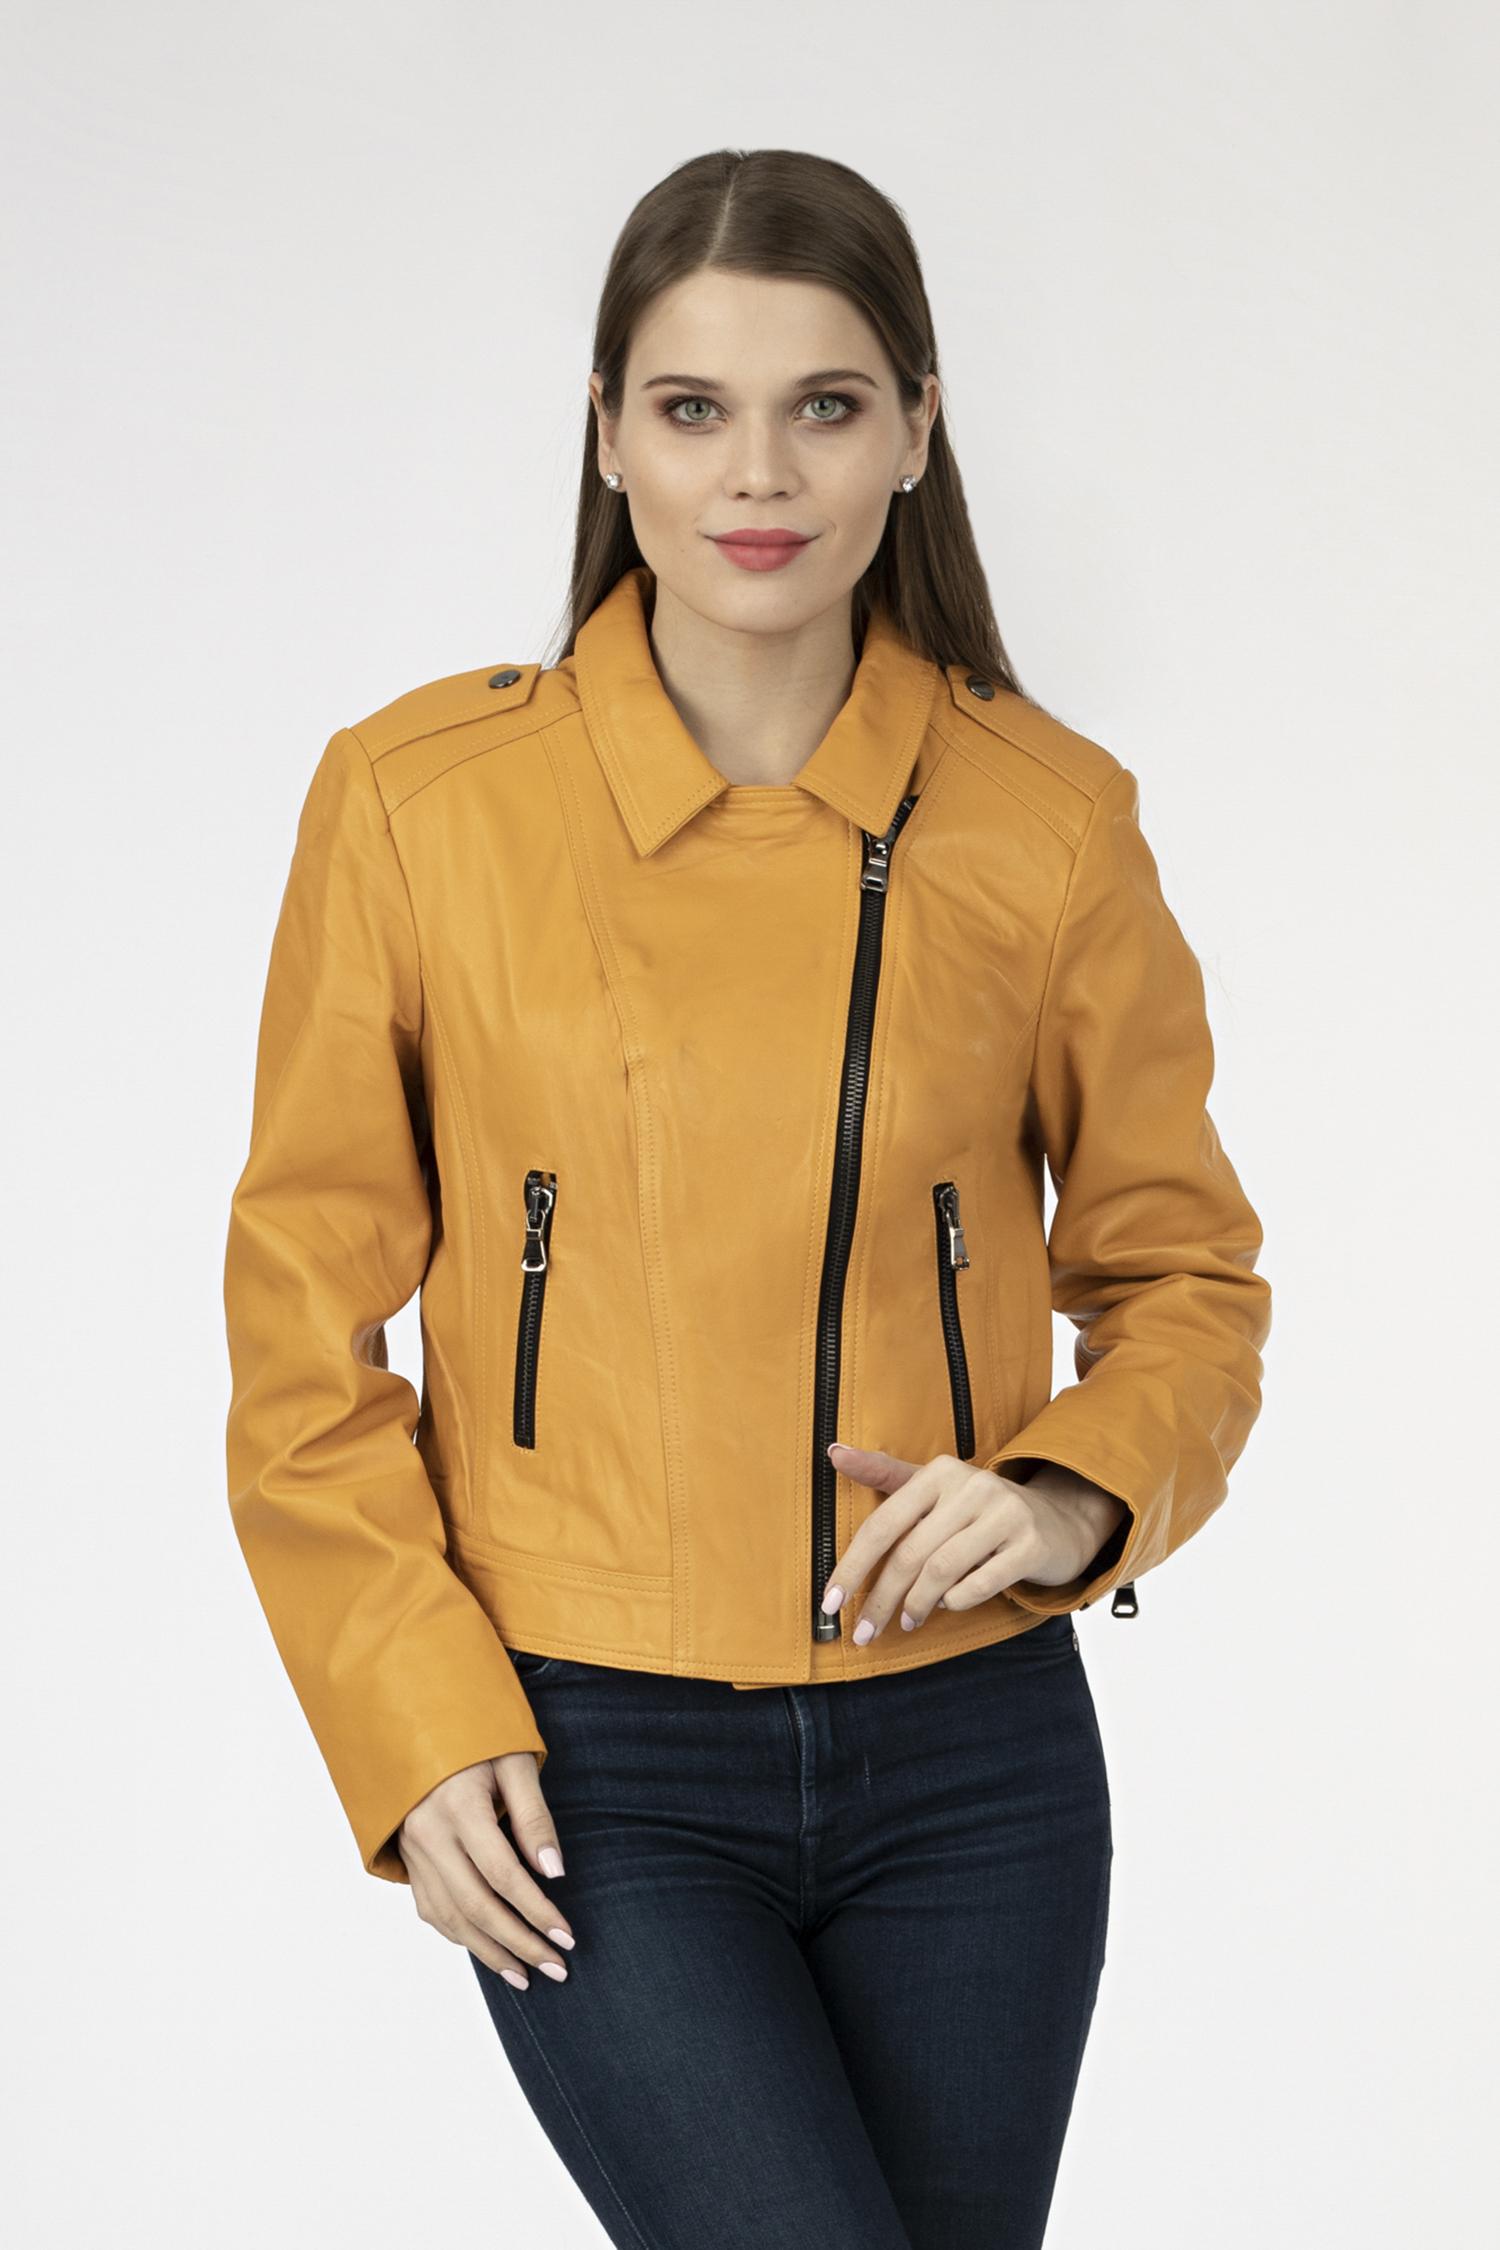 Купить Женская кожаная куртка из натуральной кожи с воротником, без отделки, МОСМЕХА, желтый, Кожа овчина, 0902399